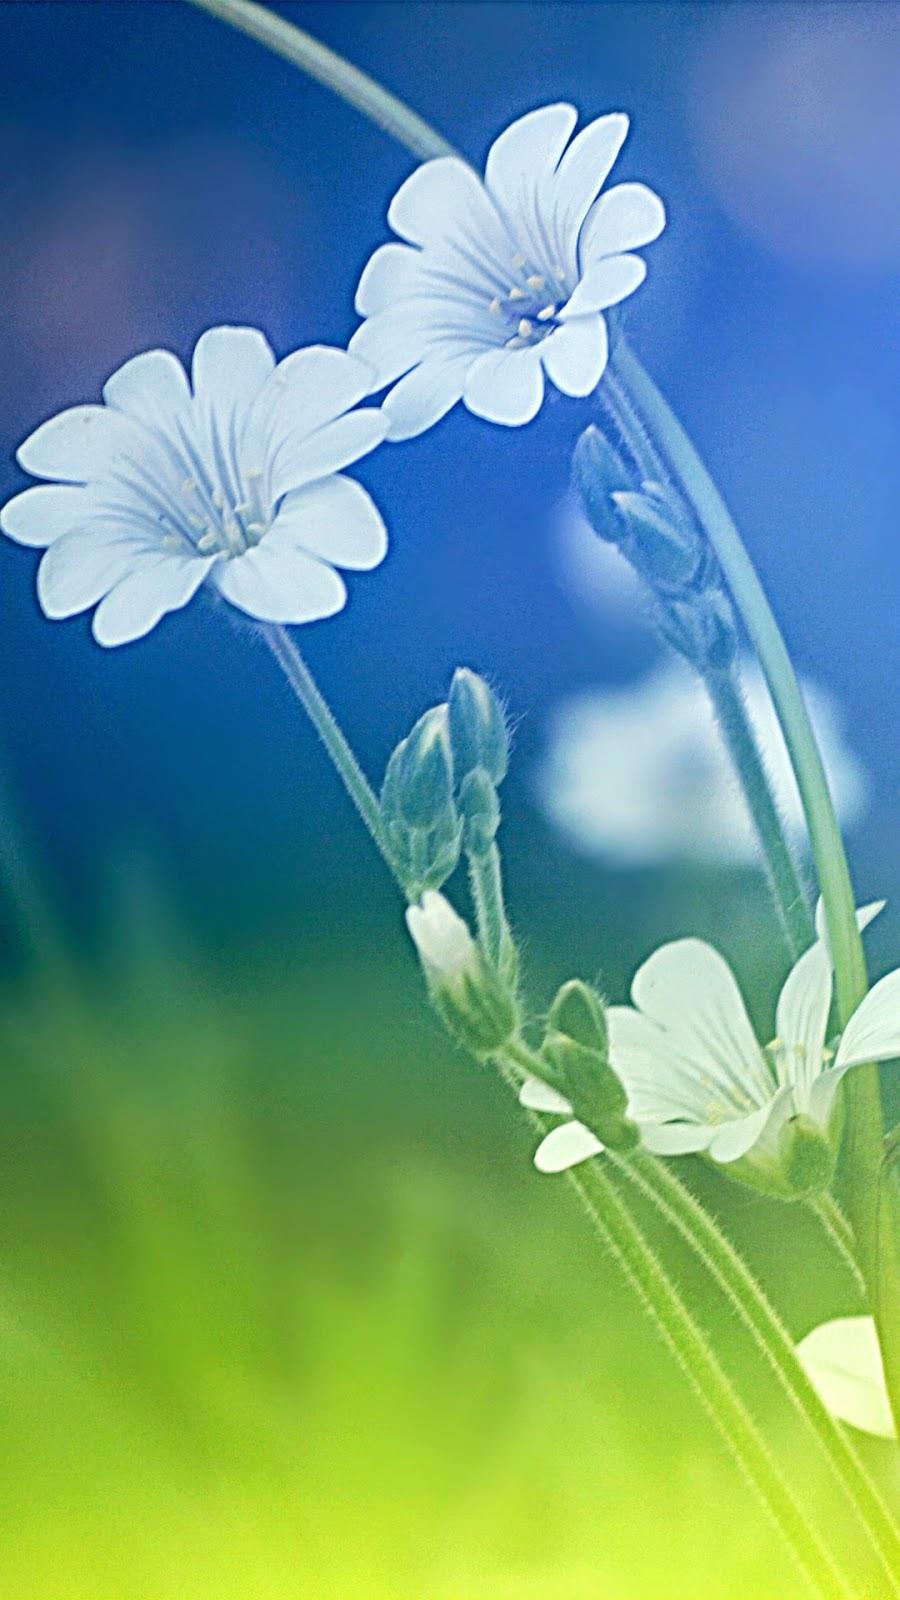 Free Wallpaper Phone Iphone 6 Plus Meadow Flowers